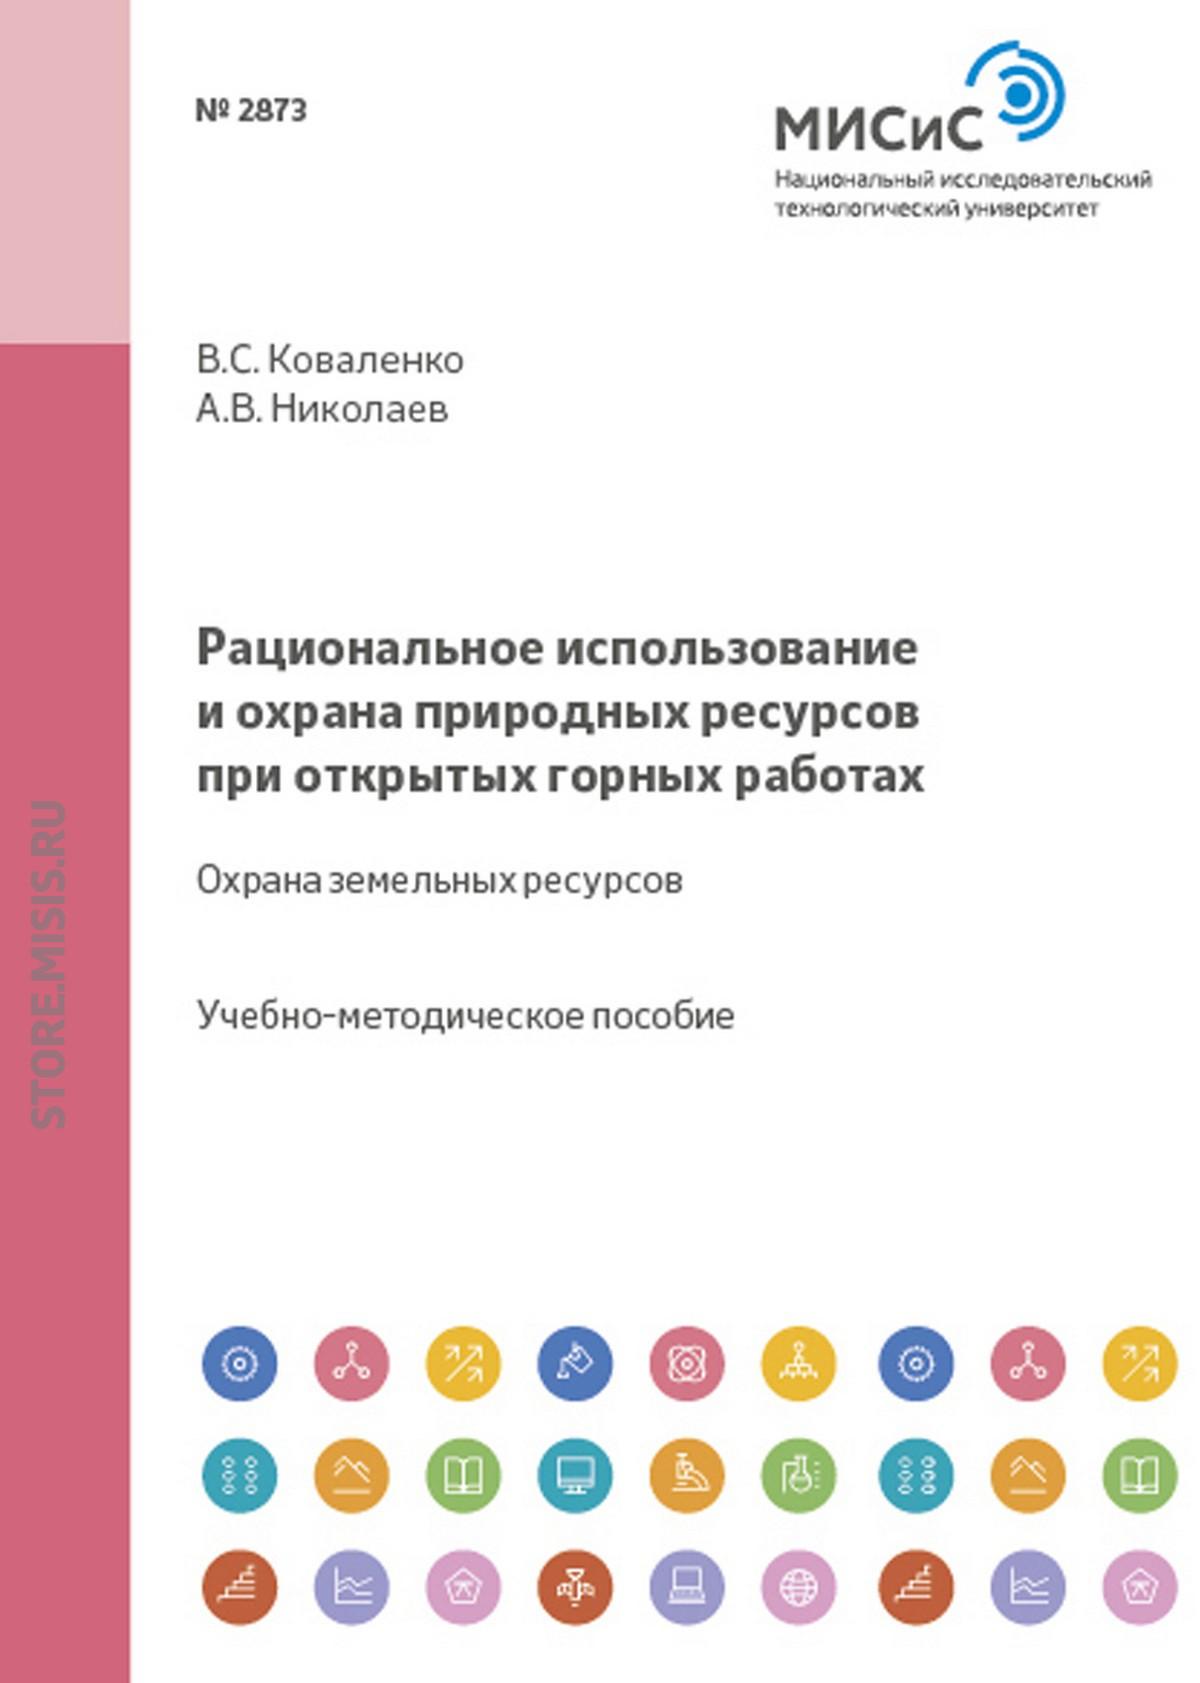 Андрей Николаев Рациональное использование и охрана природных ресурсов при открытых горных работах в а белин взрывное разрушение горных пород расчет параметров буровзрывных работ на открытых горных разработках